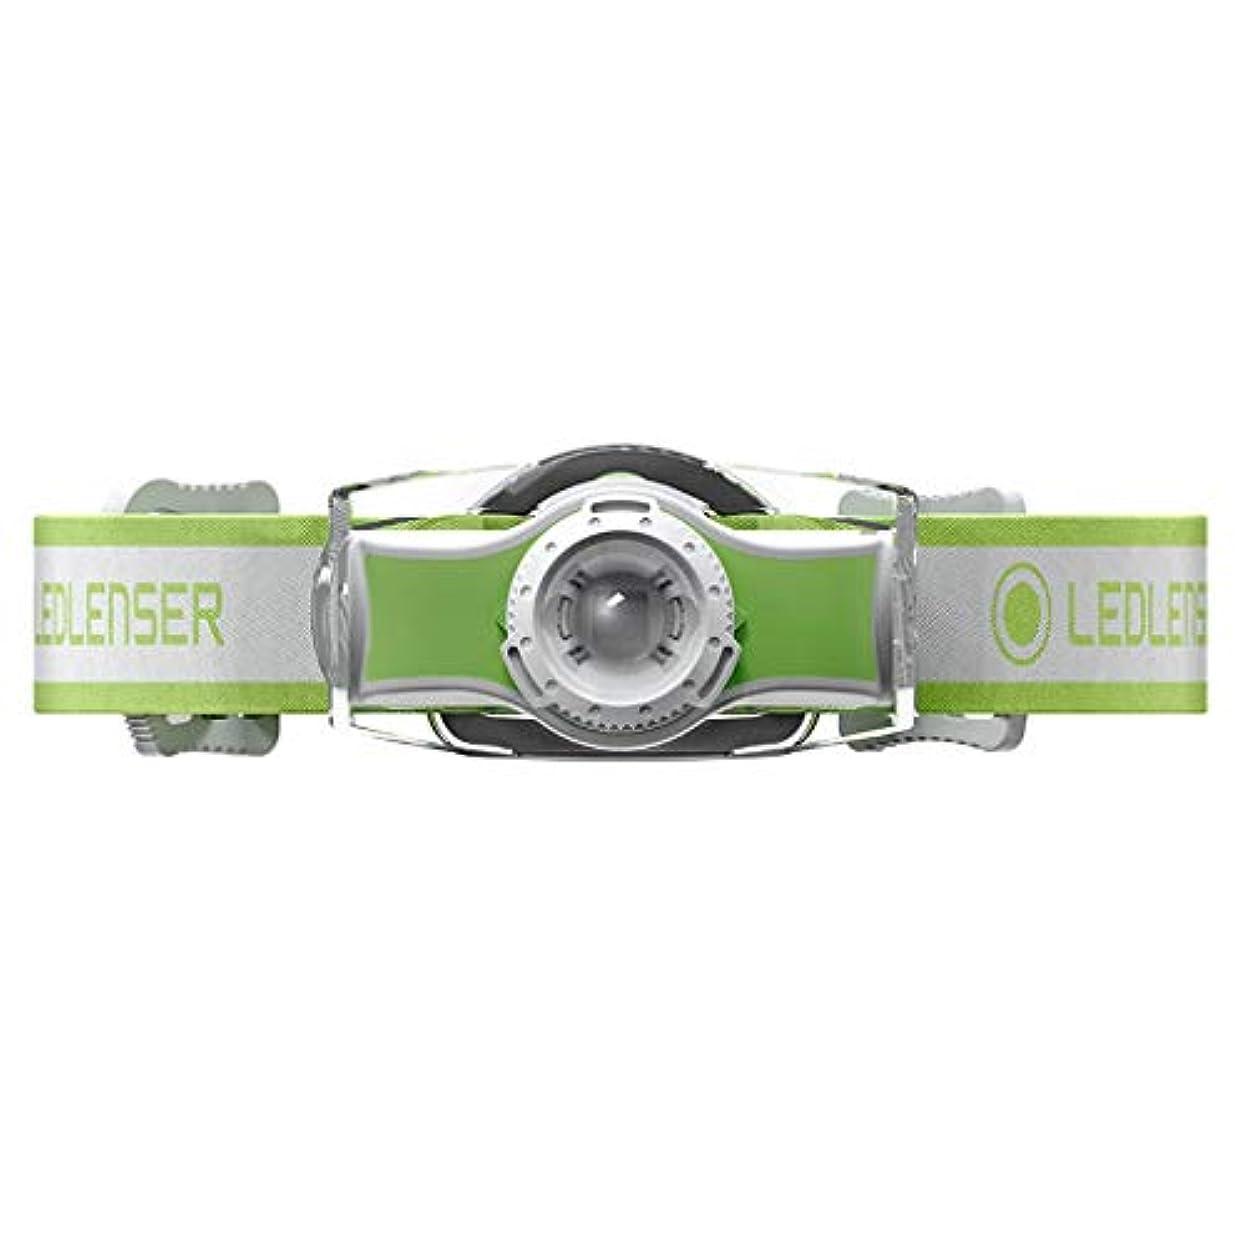 電極バンジージャンプ上に築きますOutdoor headlight LED強力ヘッドライト防水ヘッドマウントヘッドライトナイトランニングナイトフィッシングライティングヘッドライト headlamp rechargeable (Color : Green)